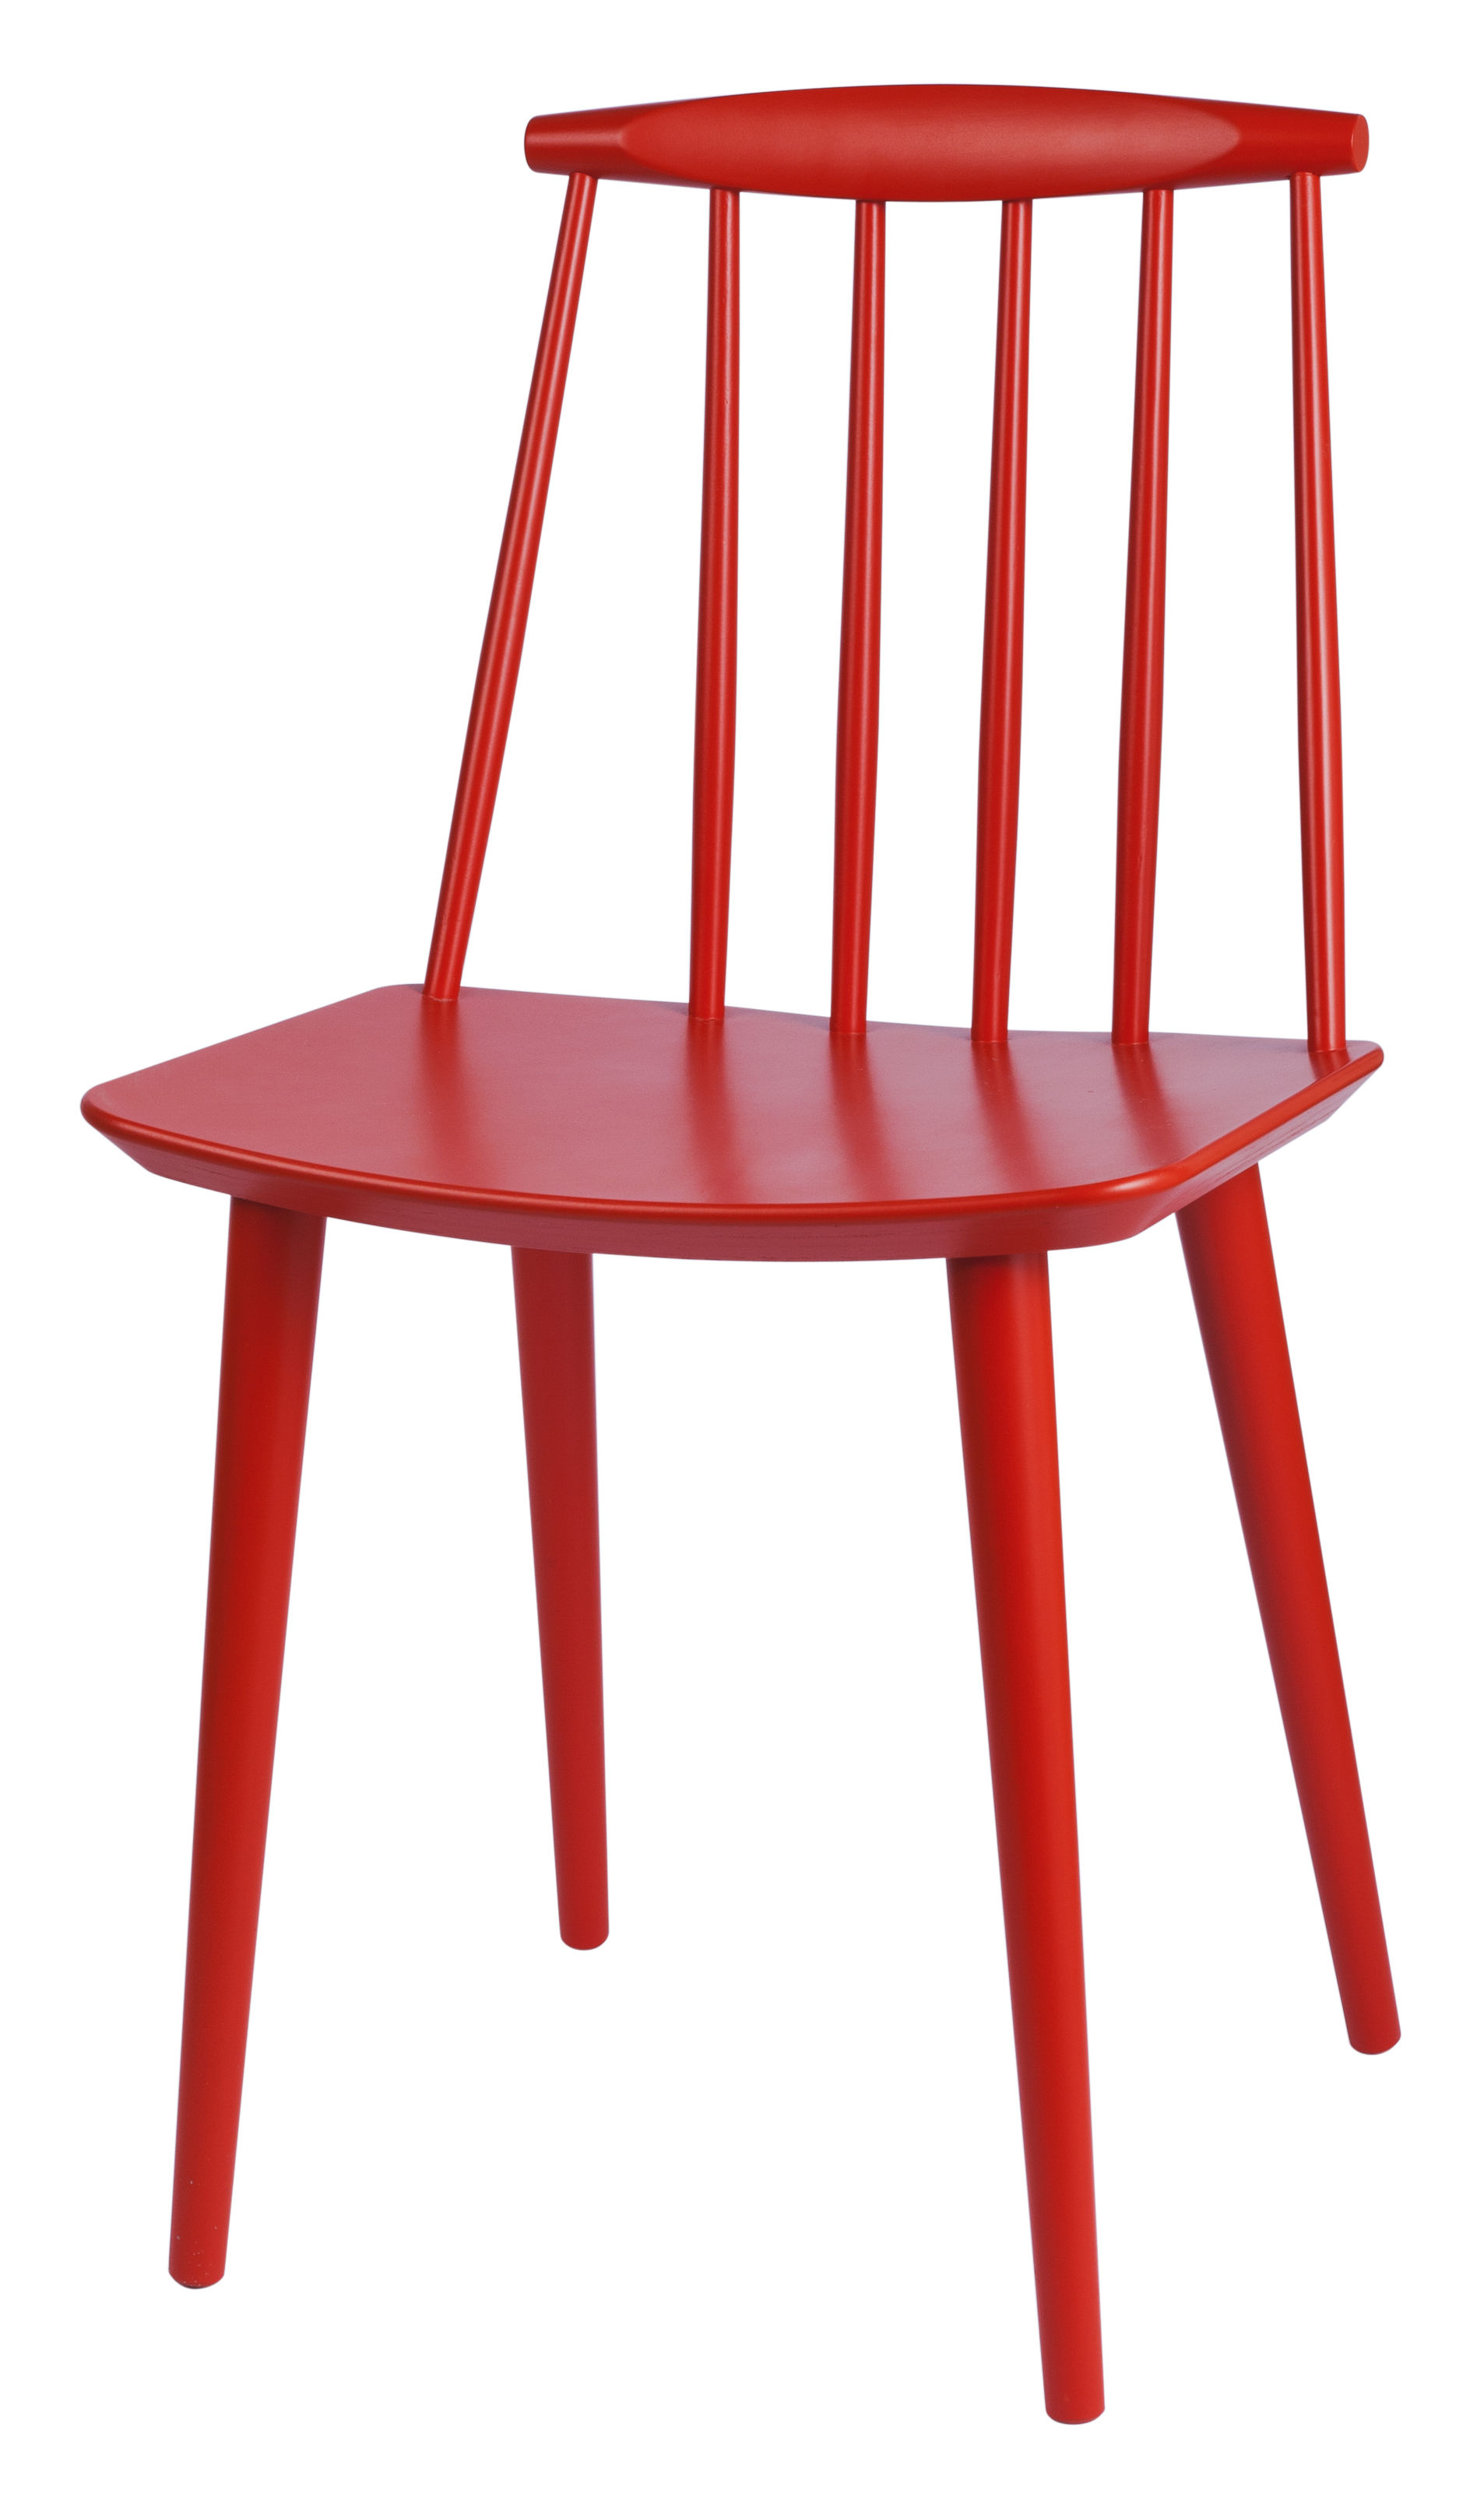 Mobilier - Chaises, fauteuils de salle à manger - Chaise J77 / Bois - Hay - Corail - Hêtre massif teinté